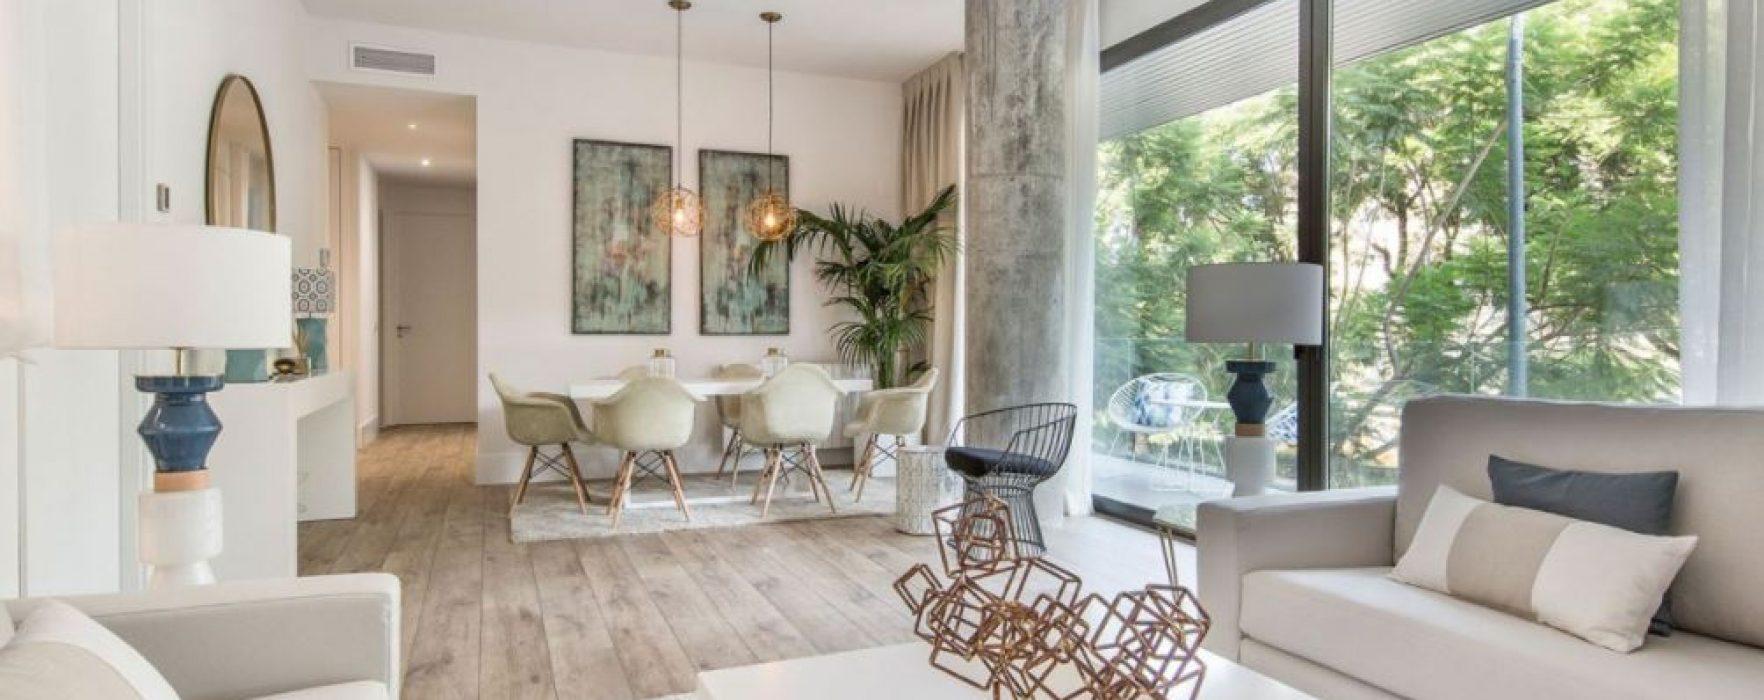 Reinventar Sevilla, un compromiso firme con la ciudad